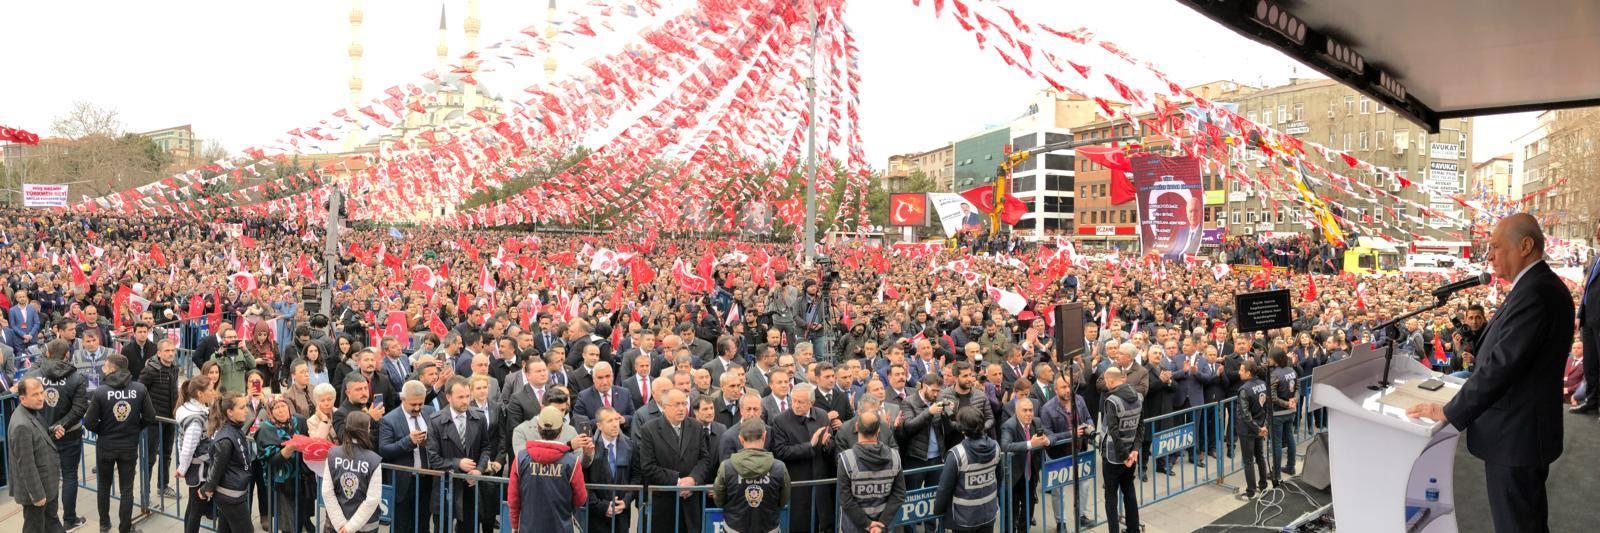 KIRIKKALE'DEKİ COŞKULU KALABALIK MEMNUNİYET VERİCİDİR 1 - MHP lideri Bahçeli'den Kırıkkale mitingine övgü